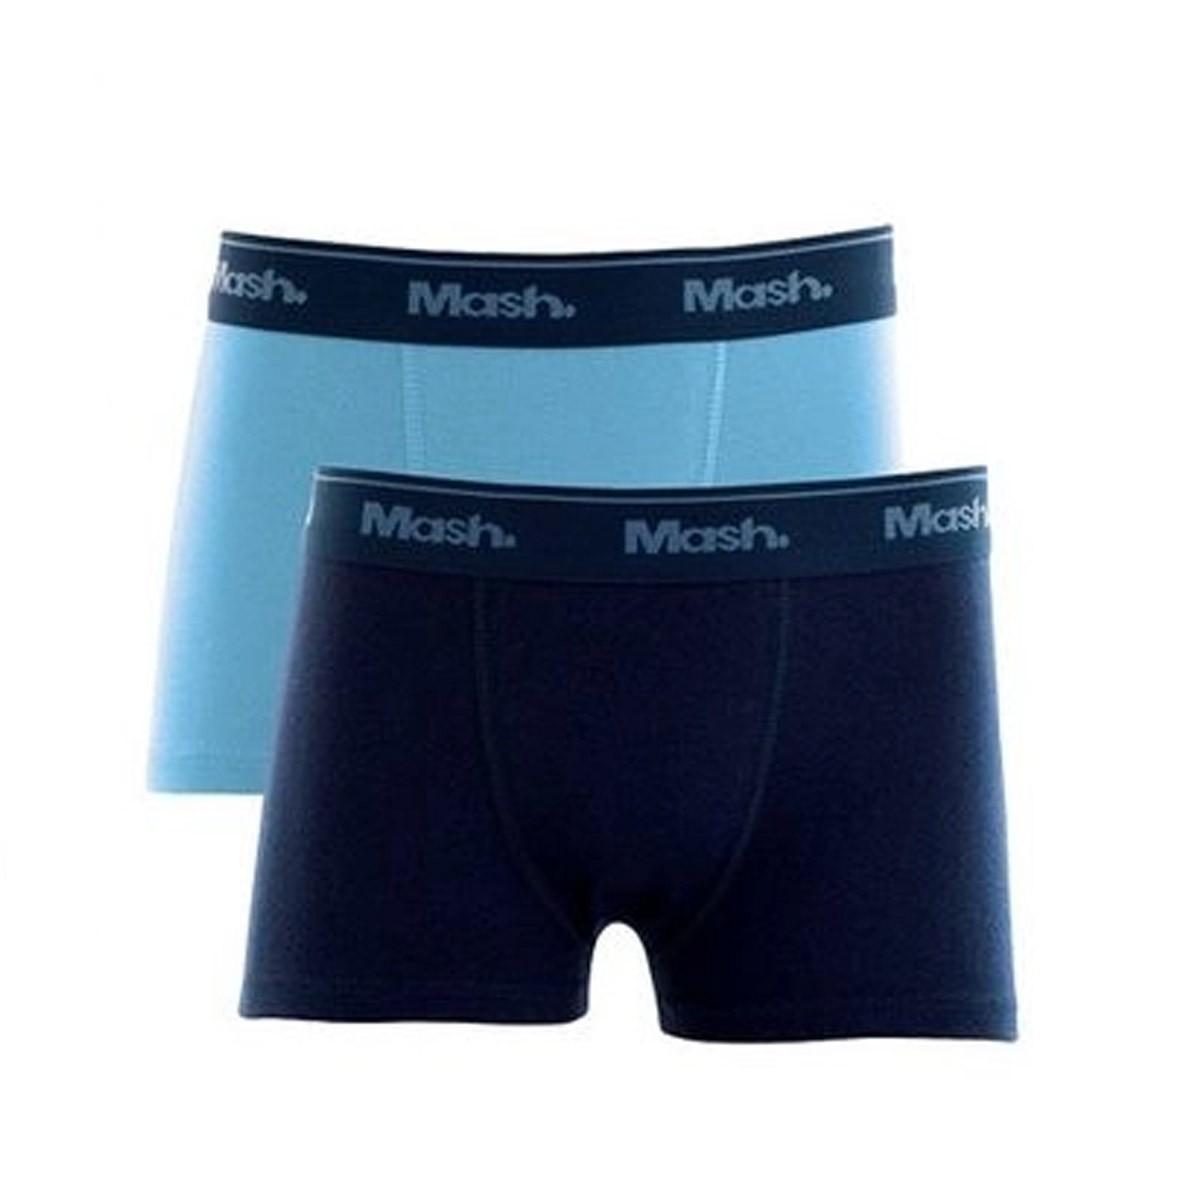 Kit com 2 Cuecas infantil para meninos em algodão boxer Mash